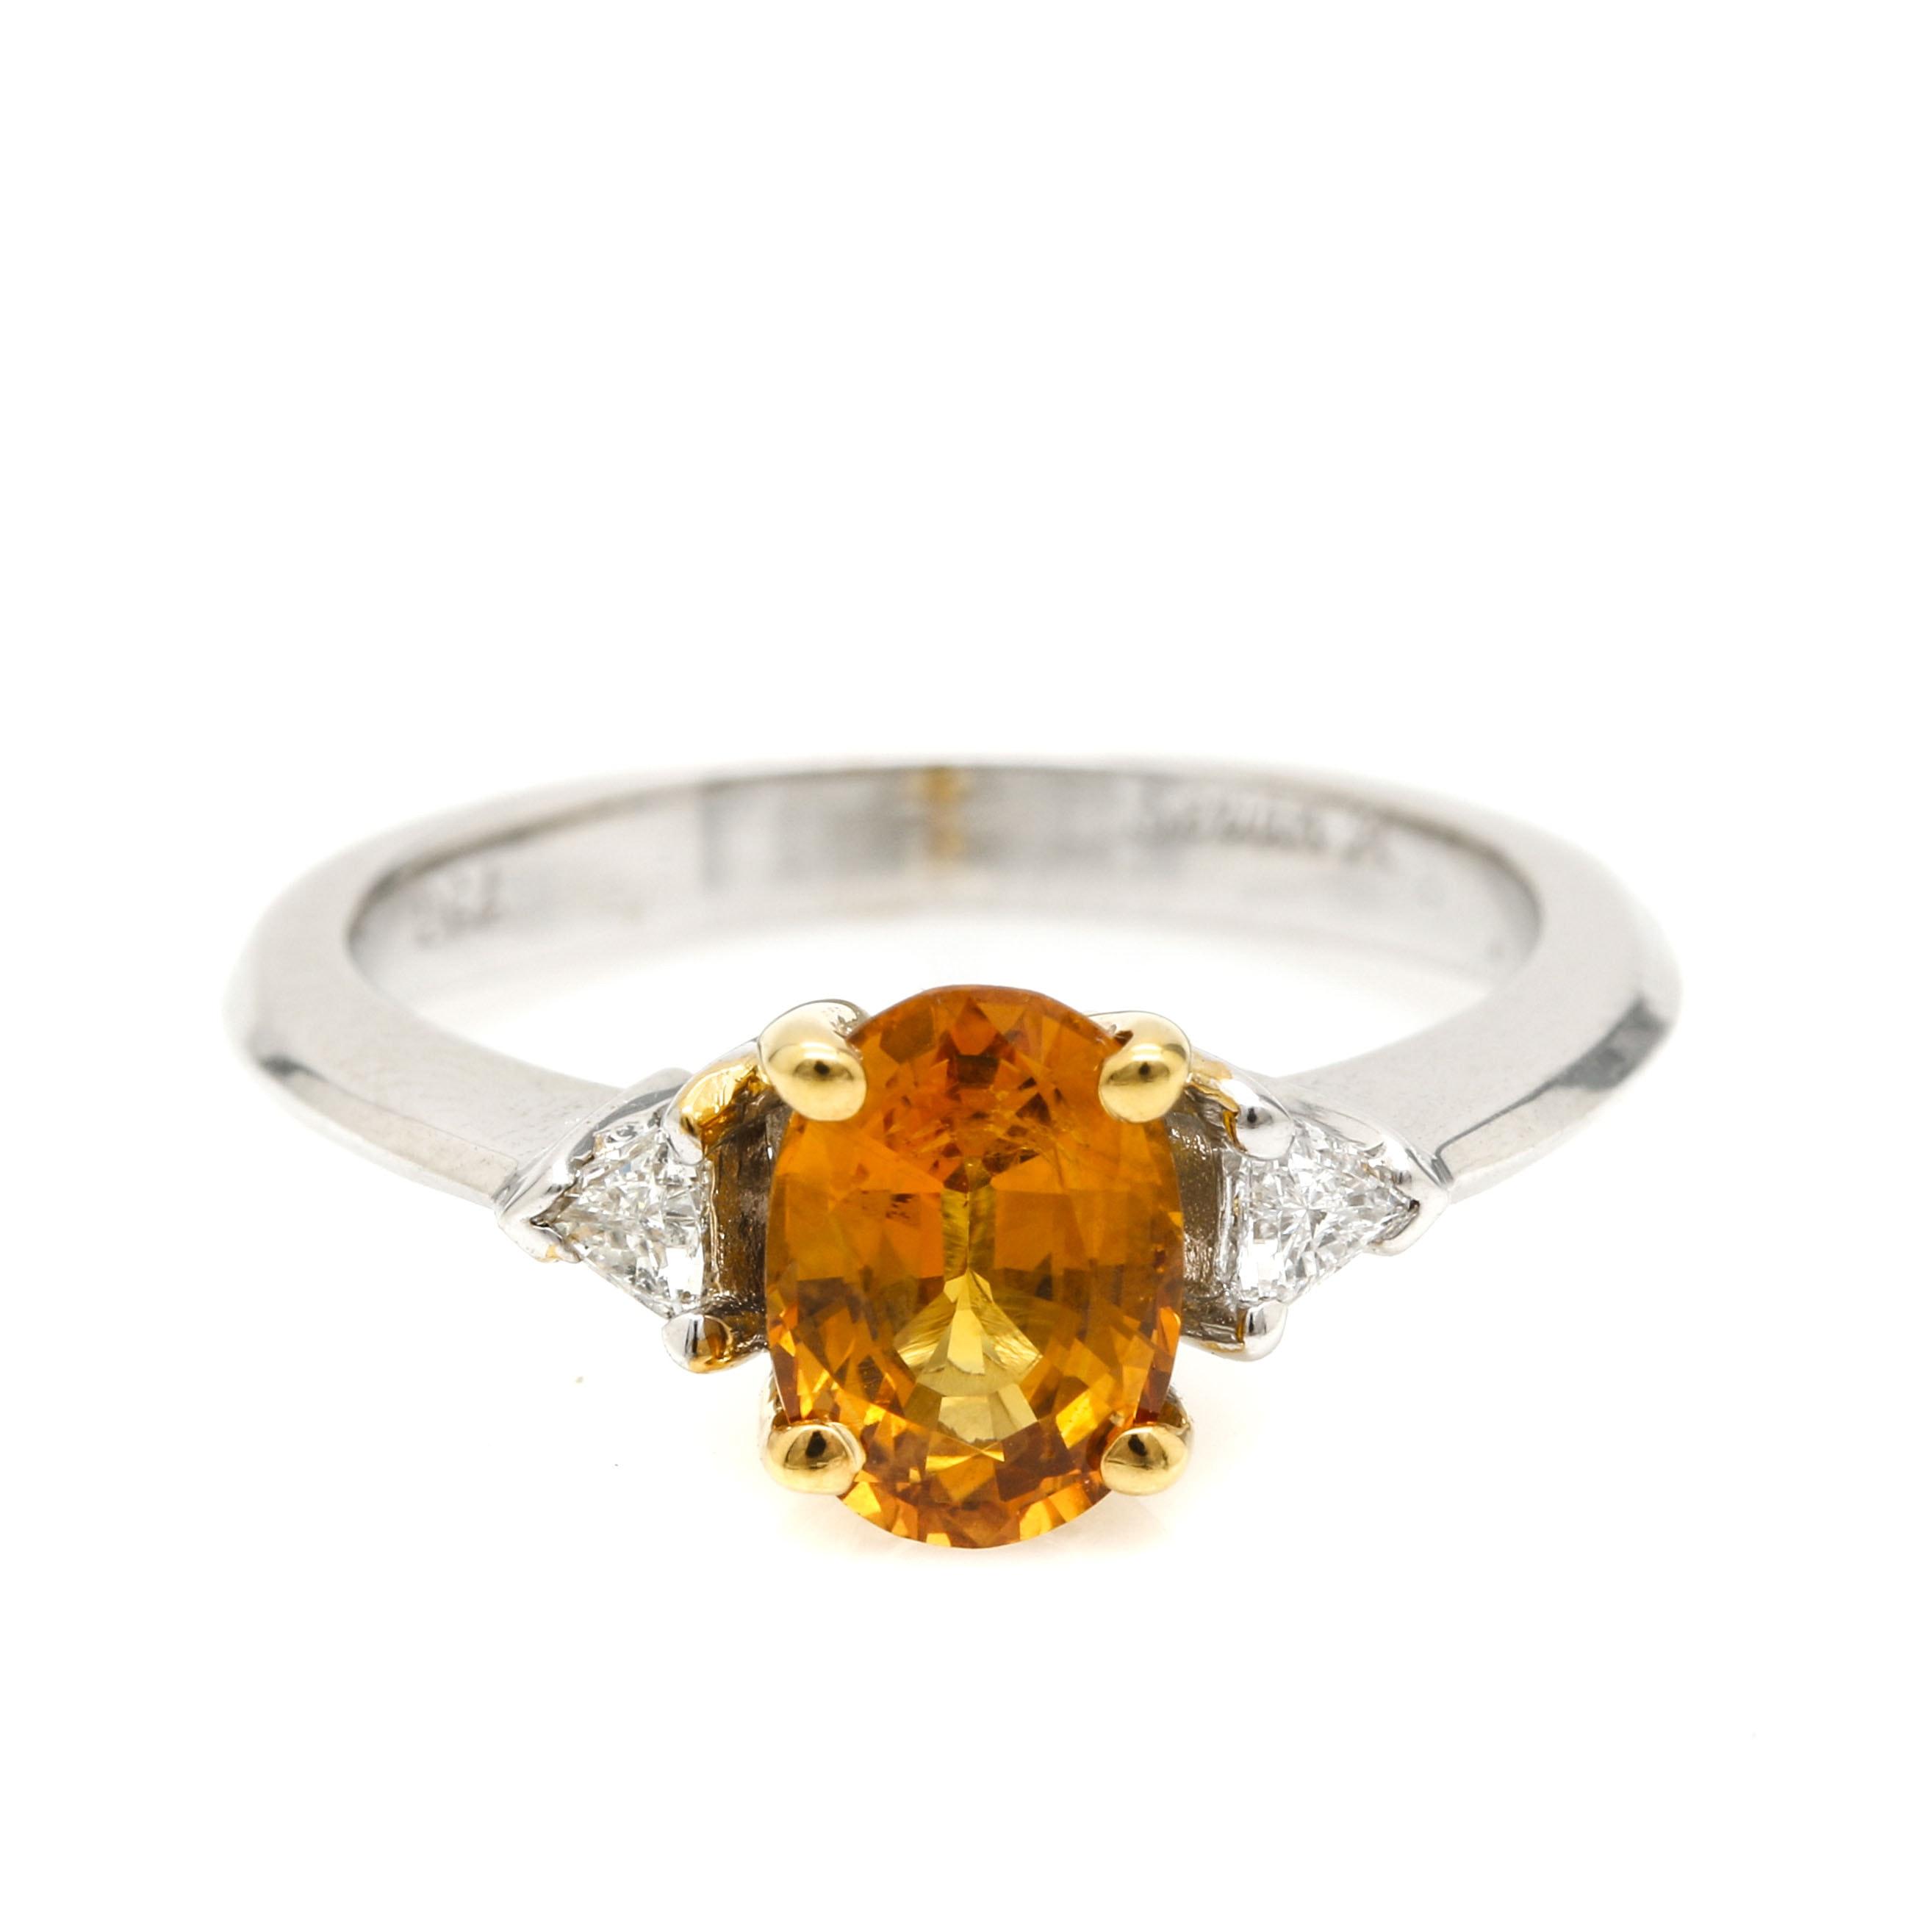 18K White Gold Yellow Sapphire and Diamond Ring EBTH